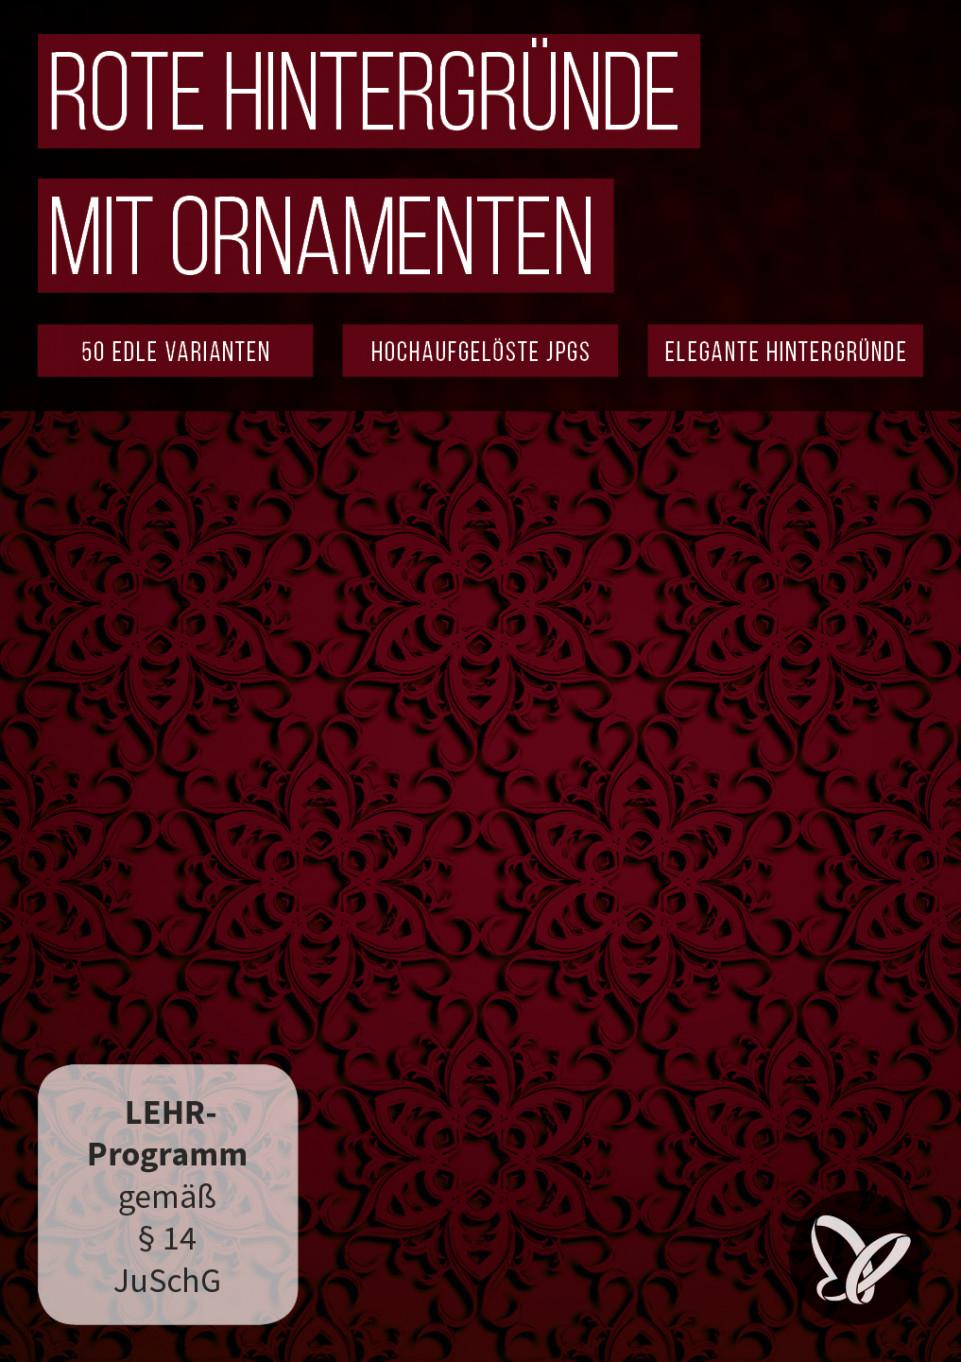 Roter Hintergrund: Digitales Papier zum Download